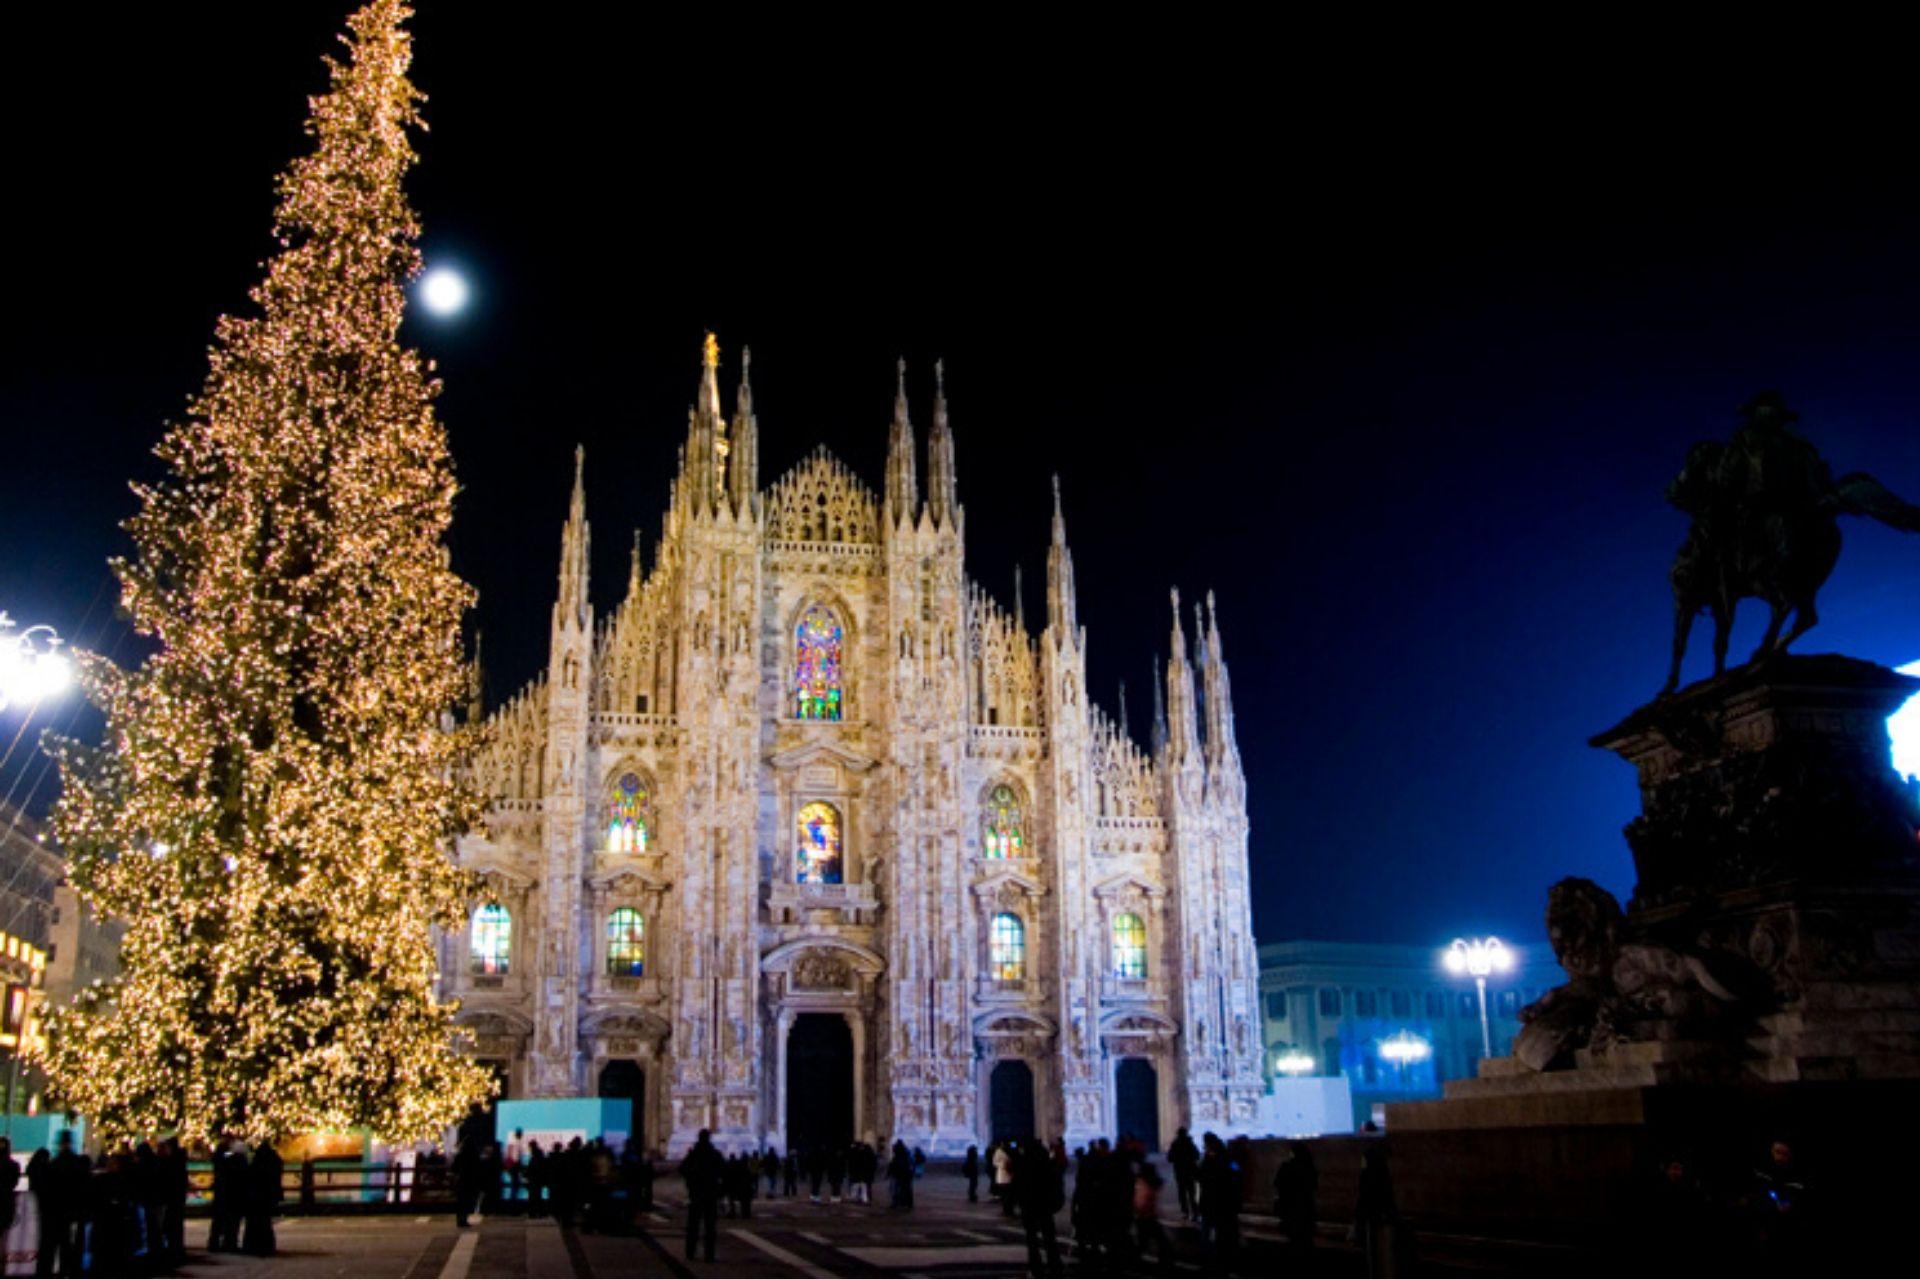 Albero Di Natale Milano.Accensione Albero Di Natale Milano 2019 Le Date E Gli Orari Viaggiamo